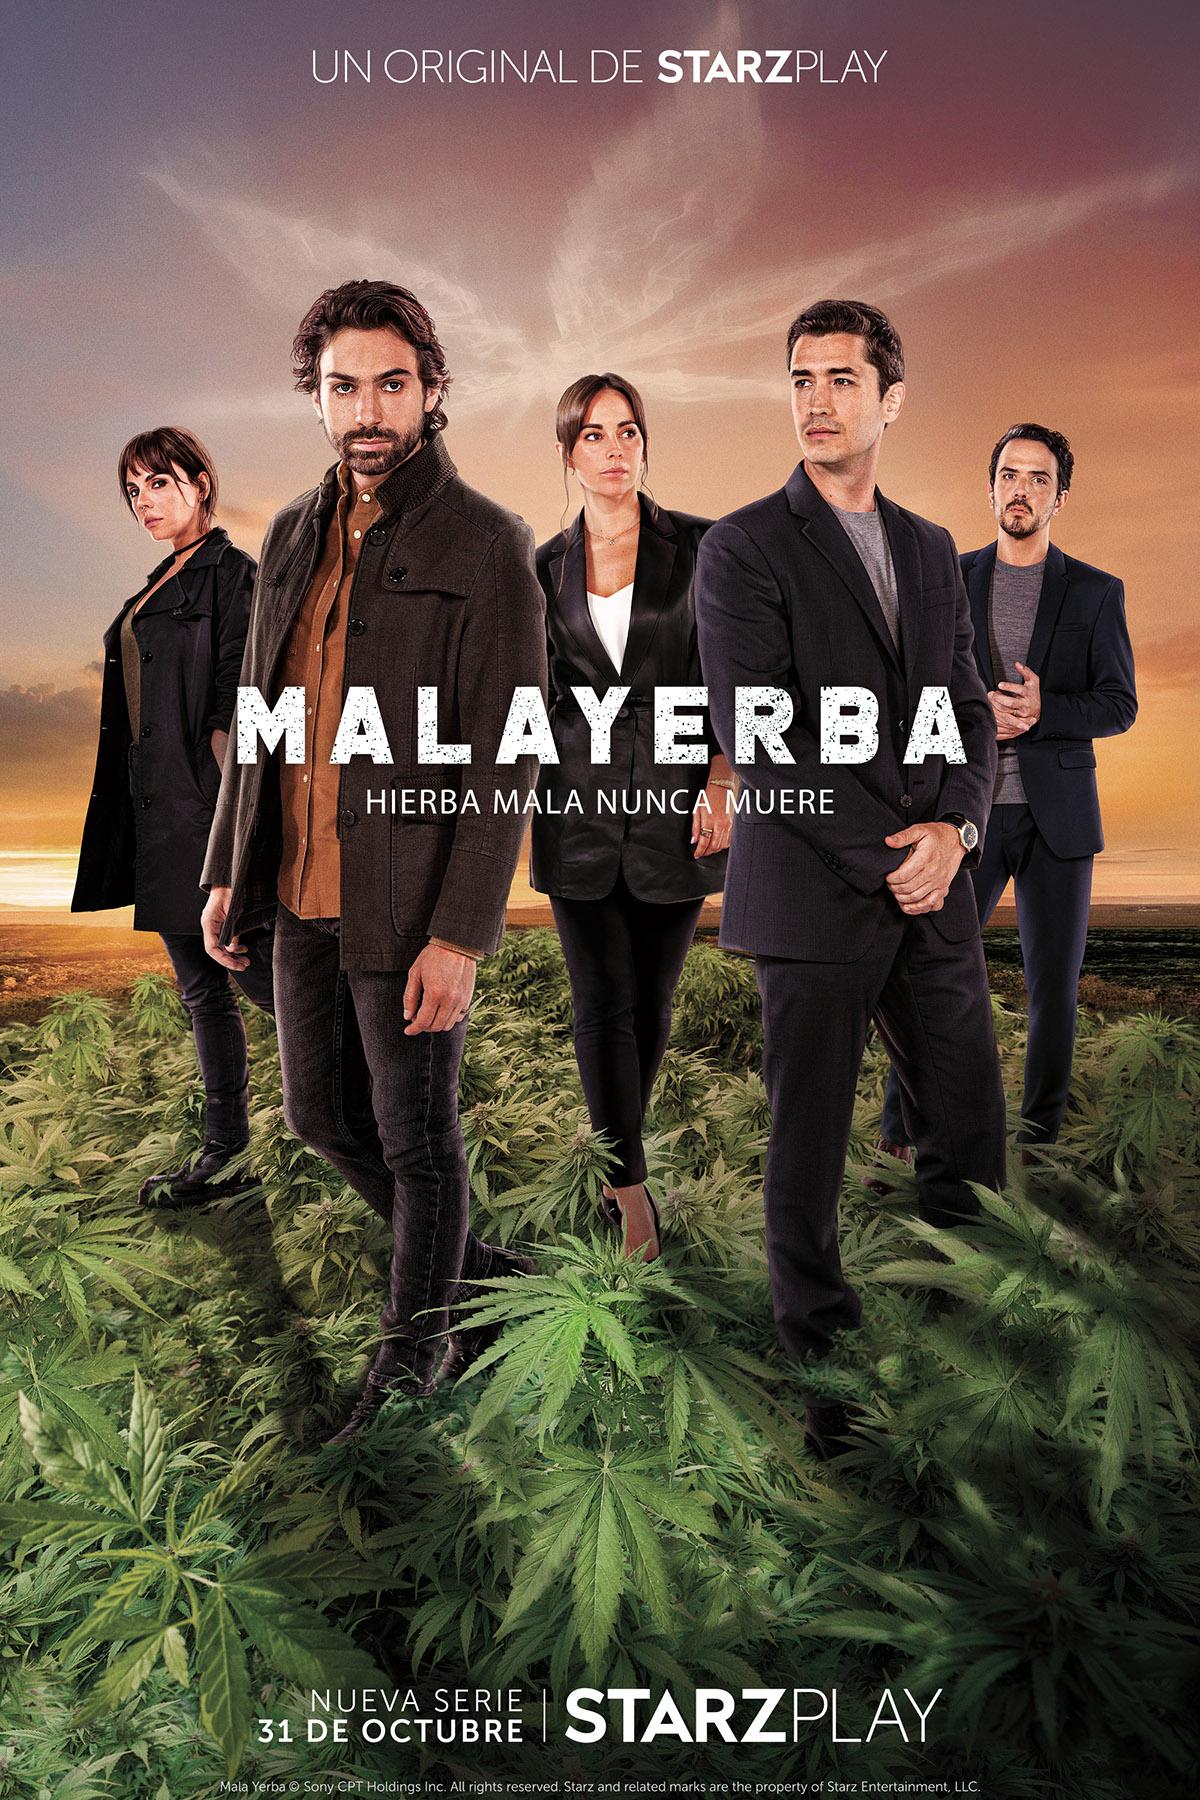 MalaYerba, la primera serie original en español de Starzplay